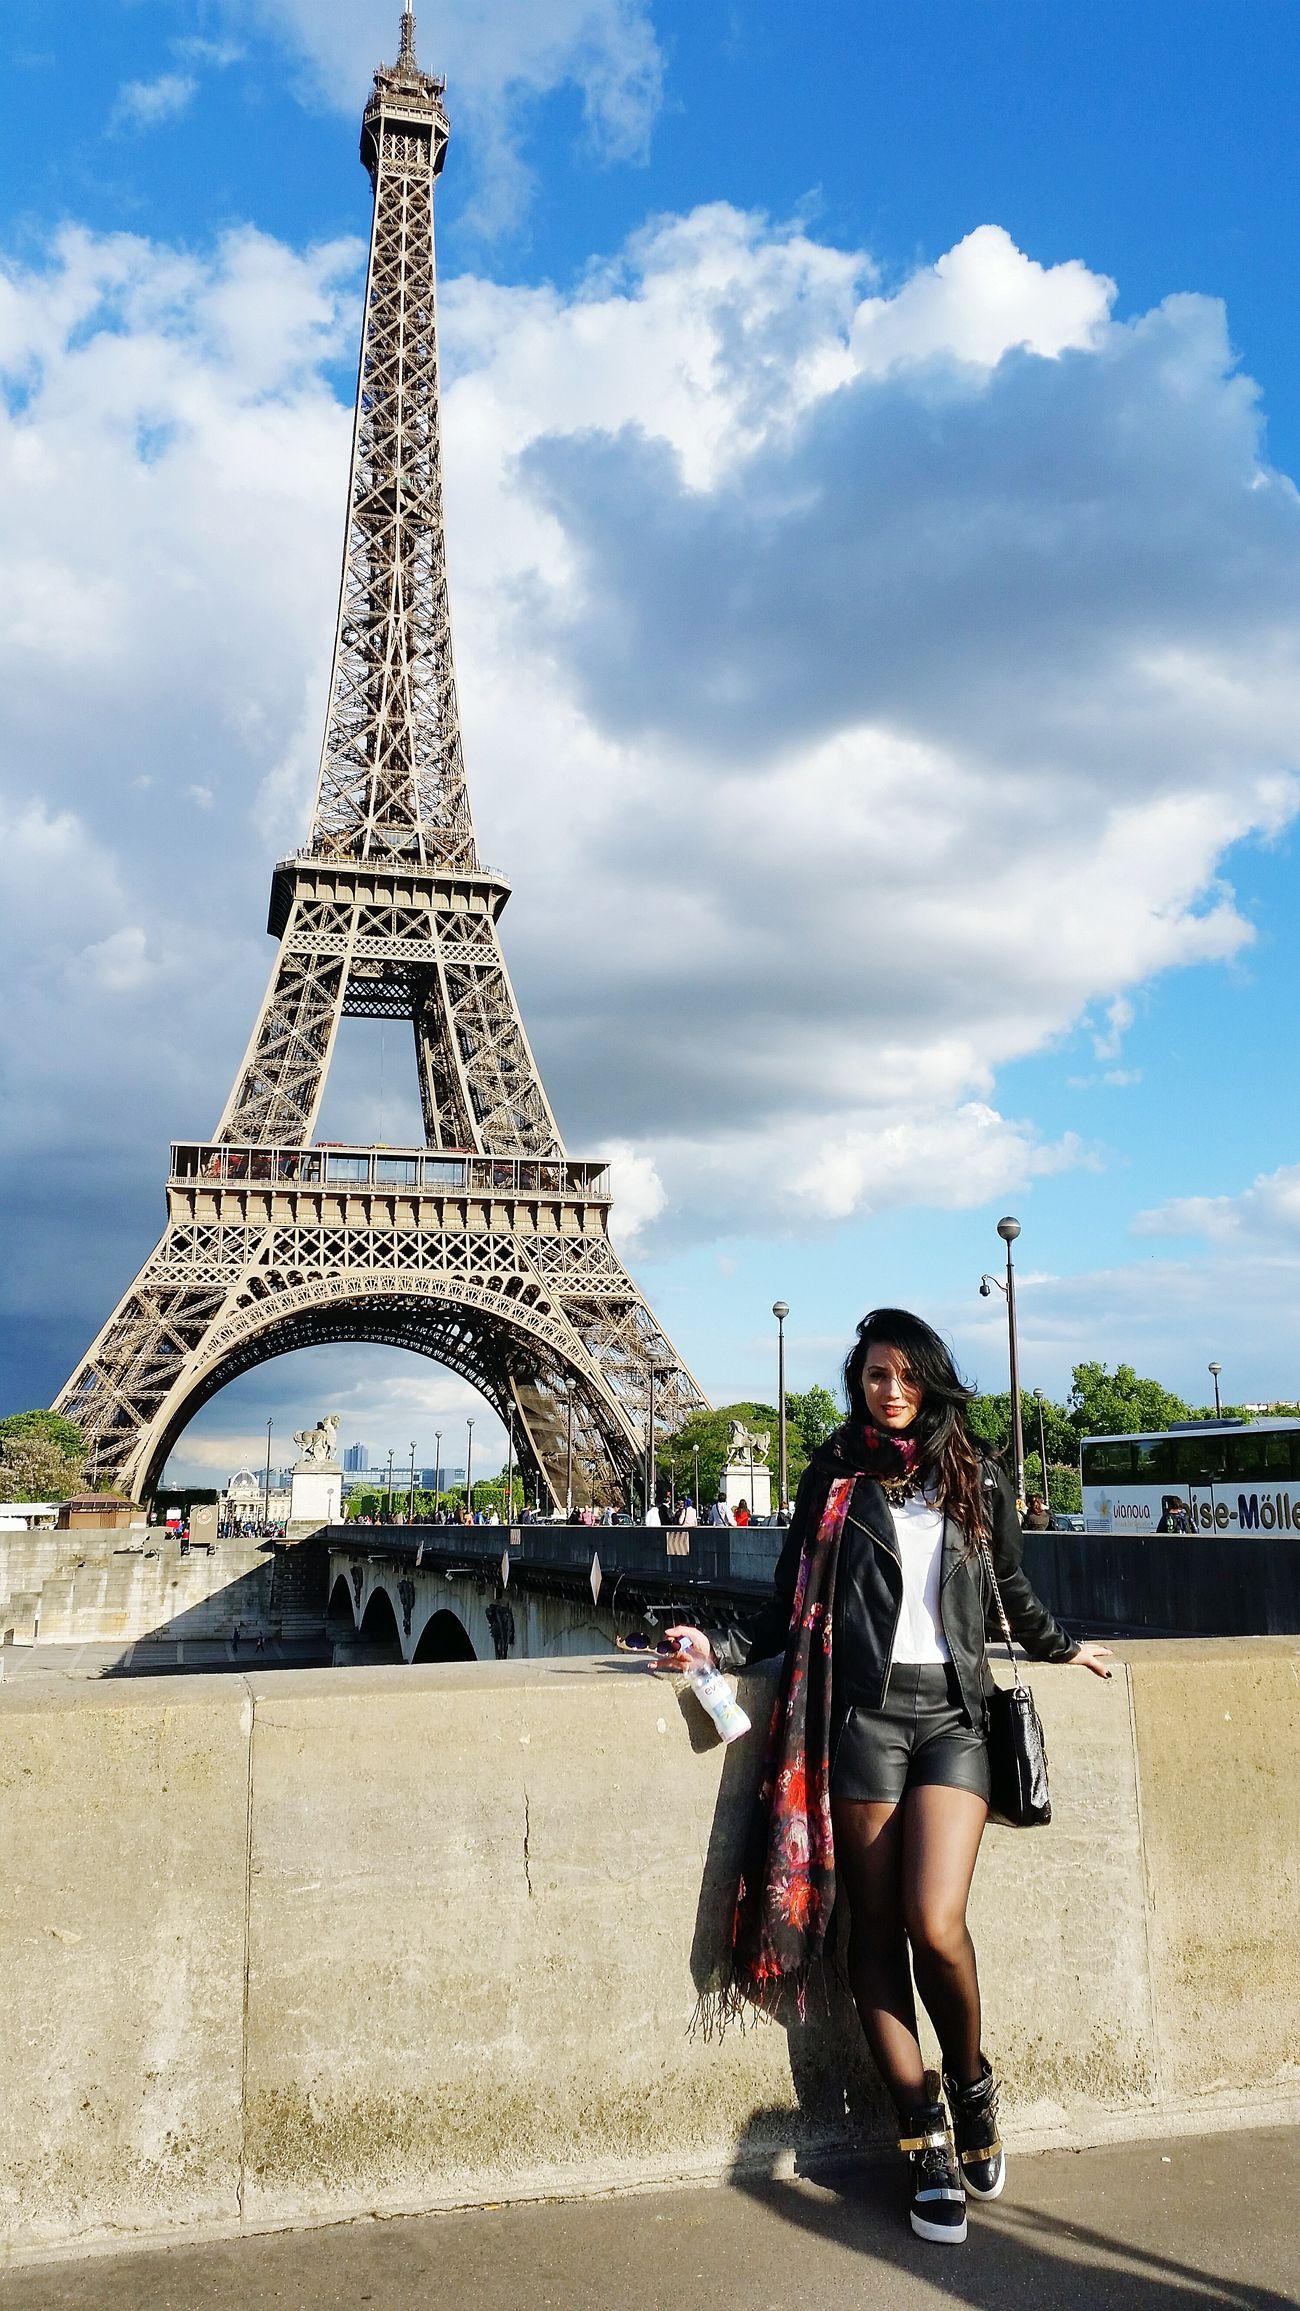 Parislouvre Paris Bonjour Paris Paris.fr Parisjetaime Paris, France  Petrapetrova Aifel Tower Eifel Tur